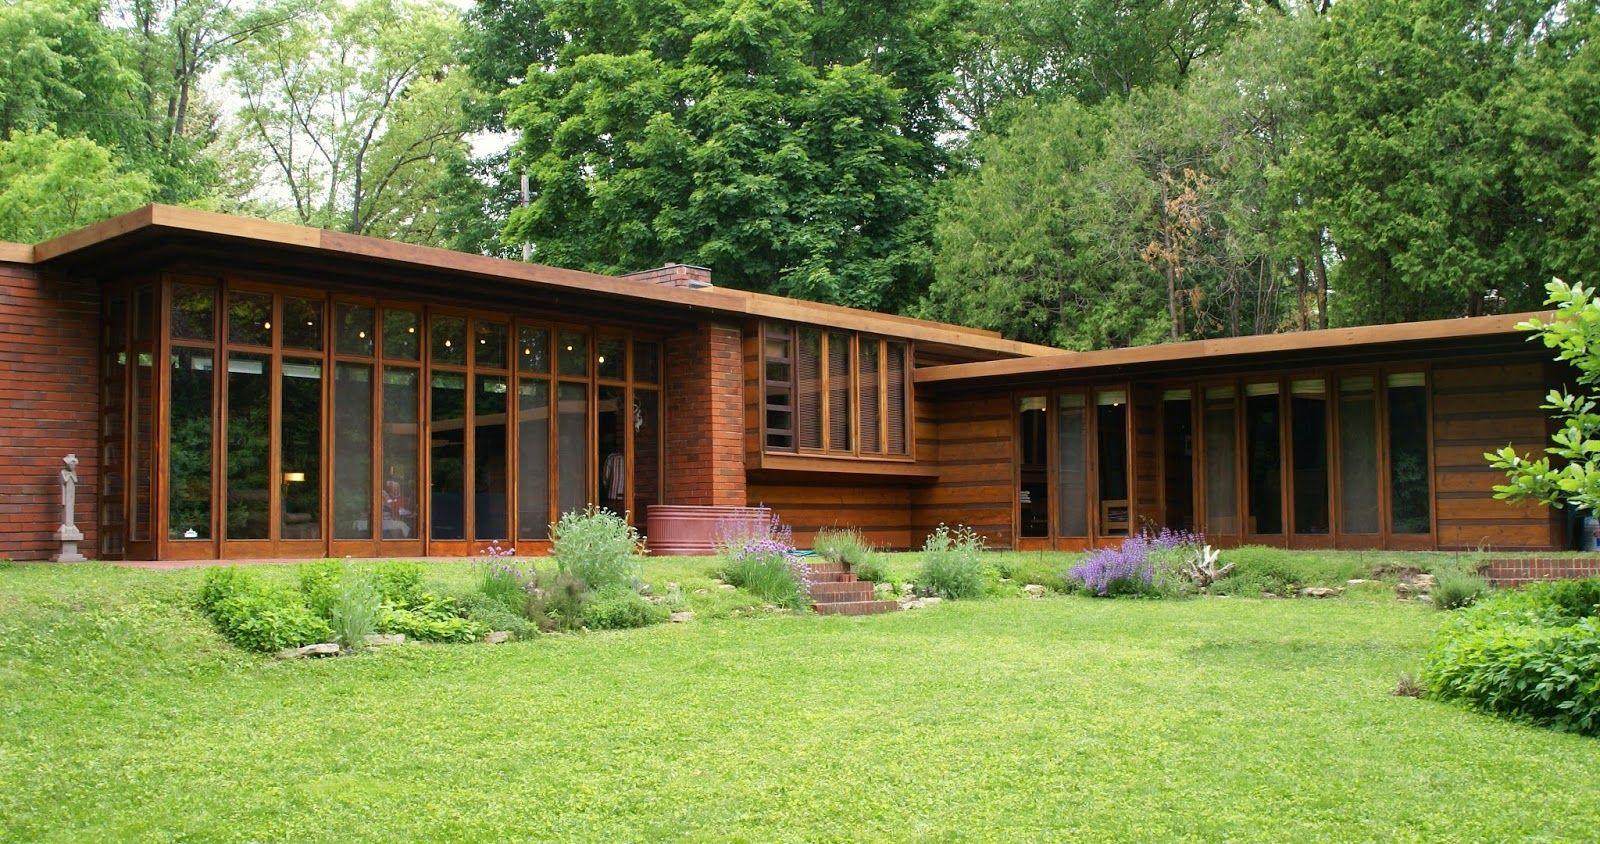 Historia de la arquitectura moderna casa jacobs 1 frank for Arquitectura moderna caracteristicas